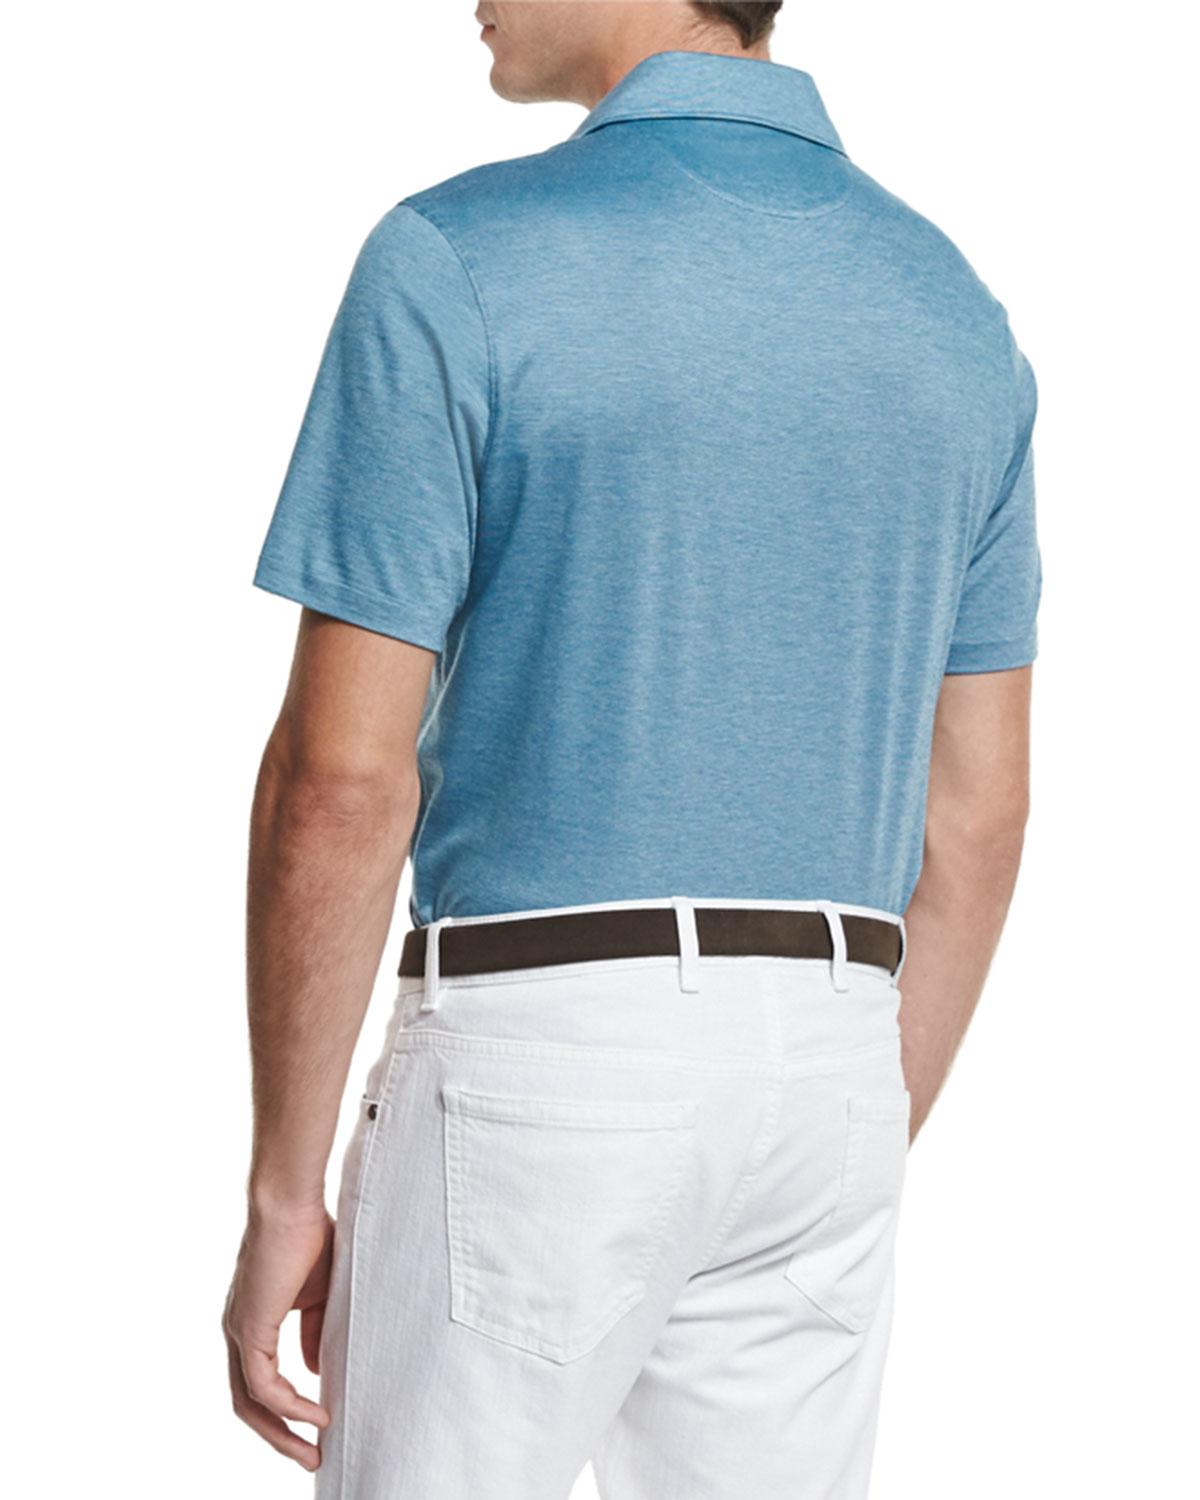 Ermenegildo zegna stretch cotton polo shirt in blue for for Stretch polo shirt mens